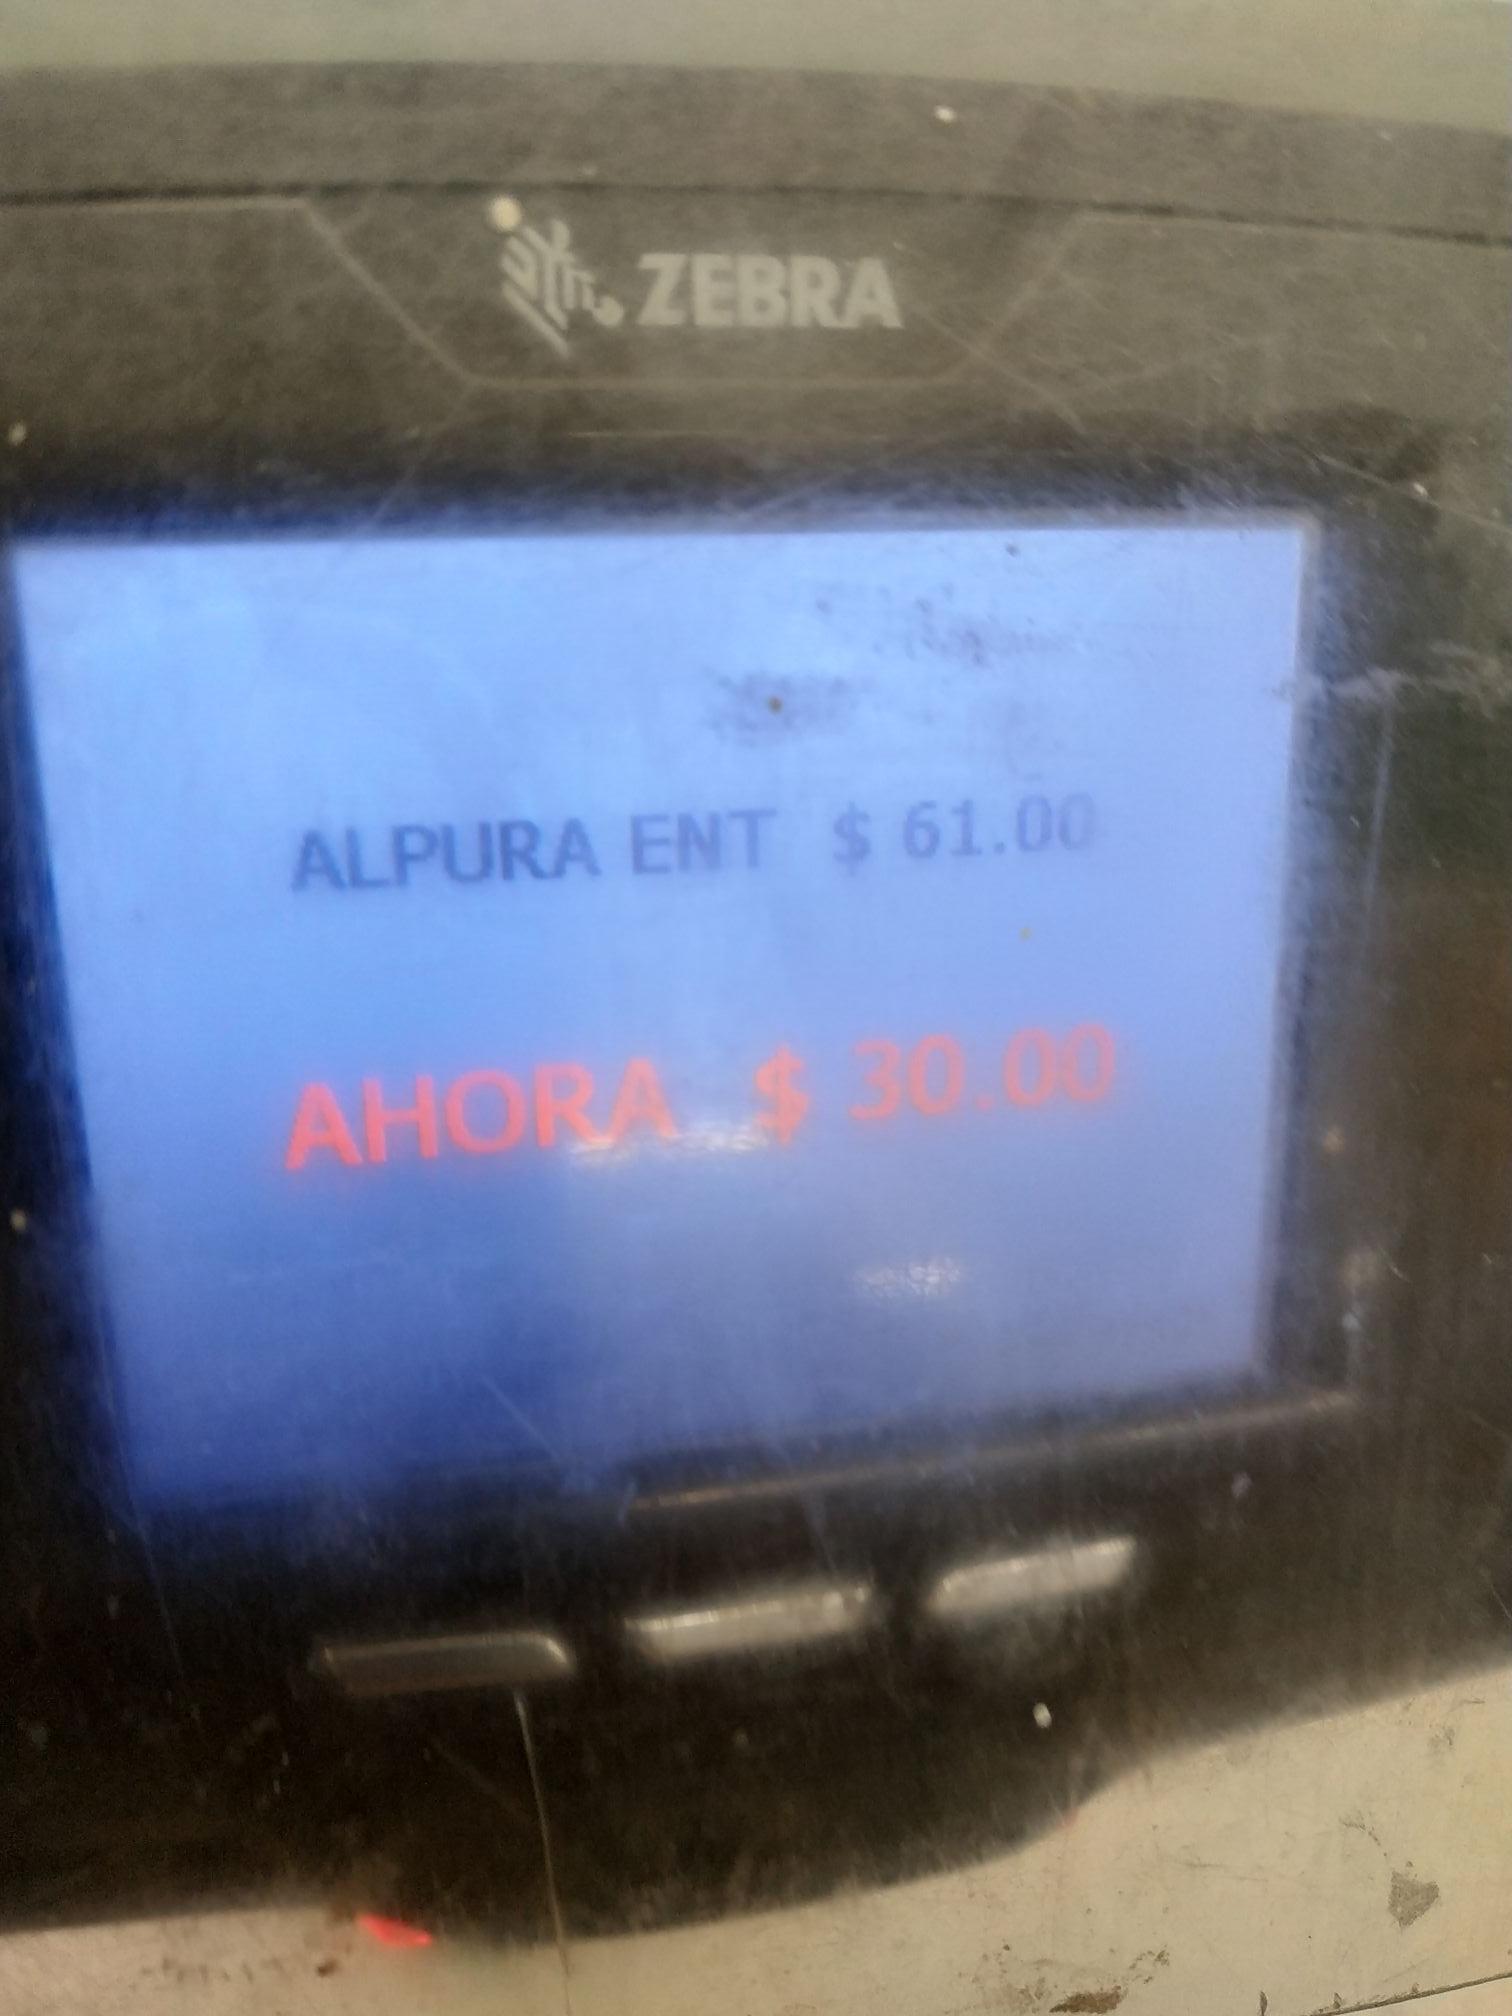 Bodega Aurrera: Alpura Clasica 3.78Lts